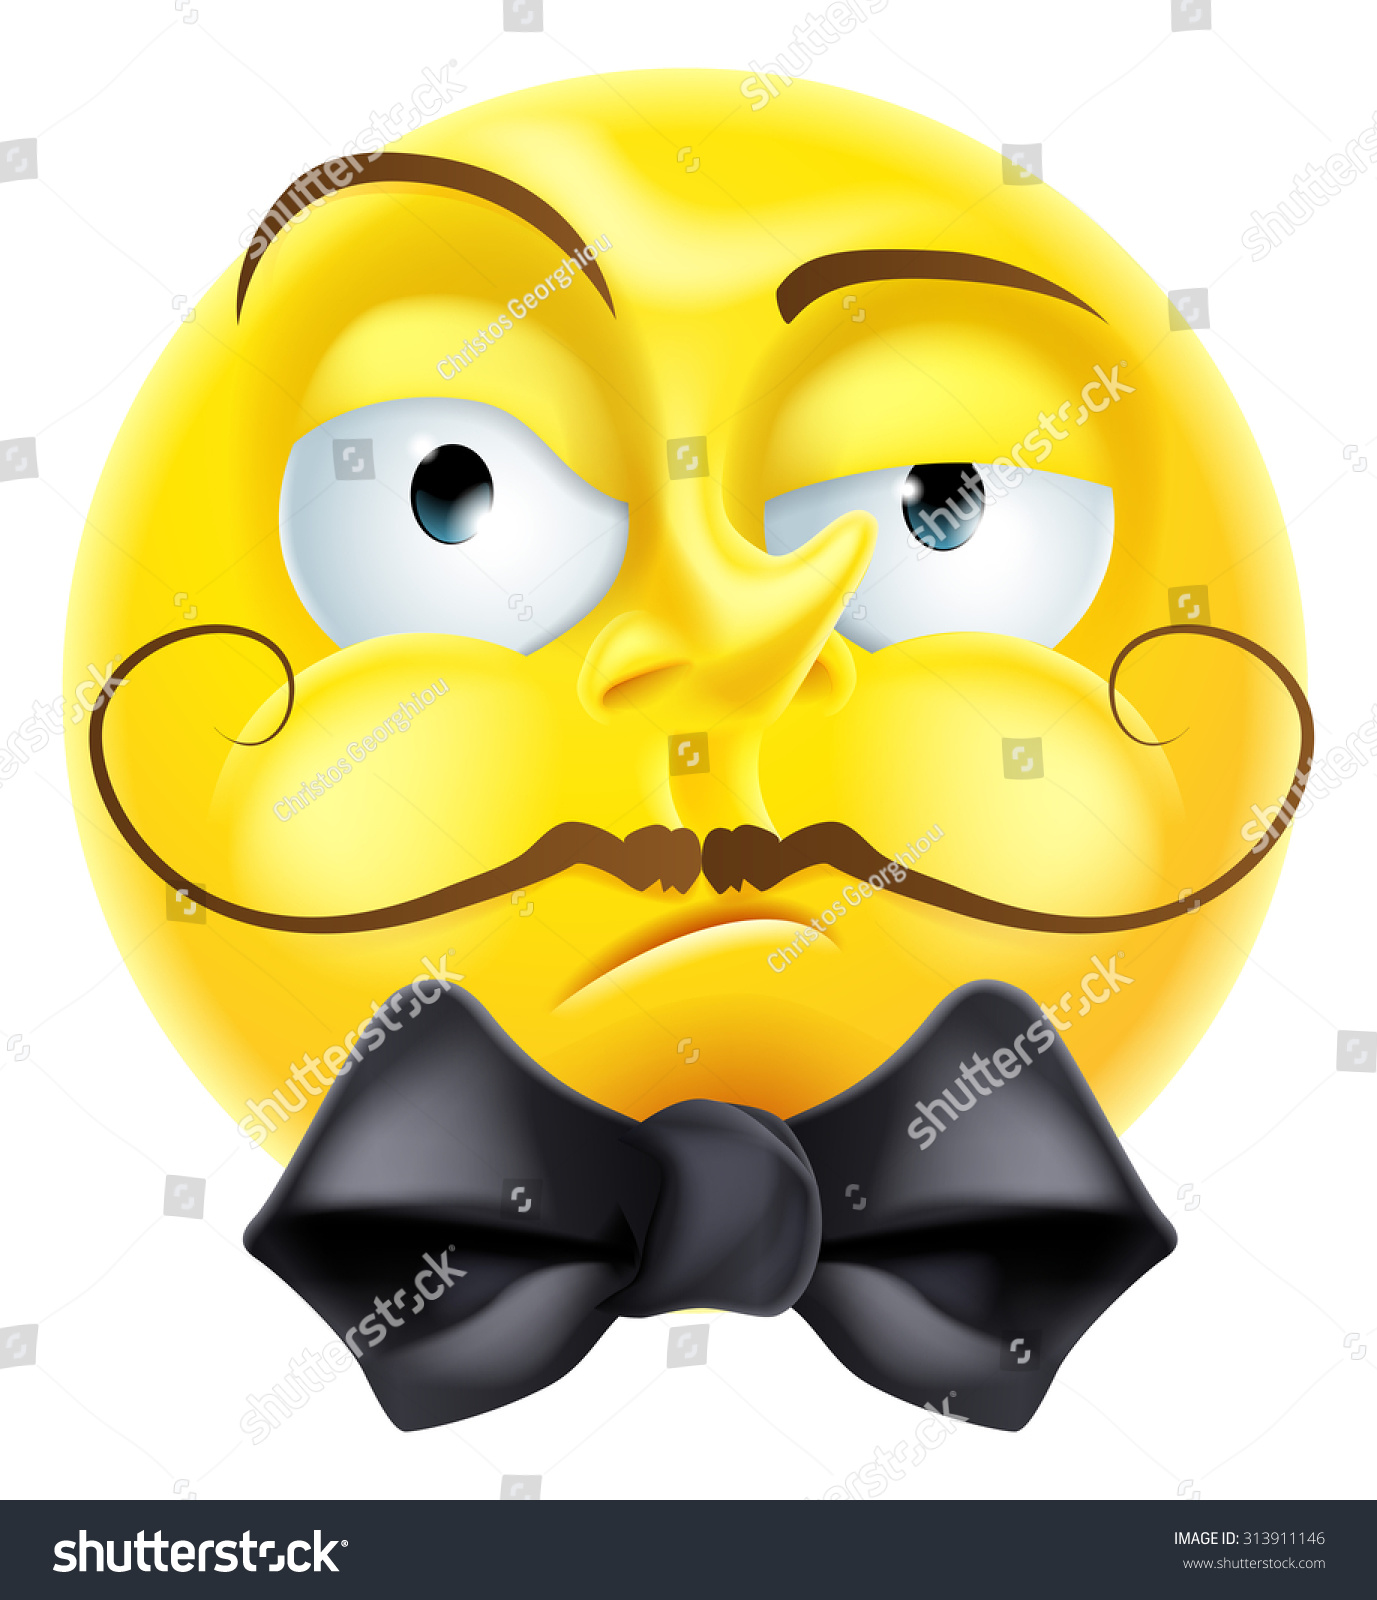 Snooty Arrogant Condescending Looking Emoji Emoticon Stock